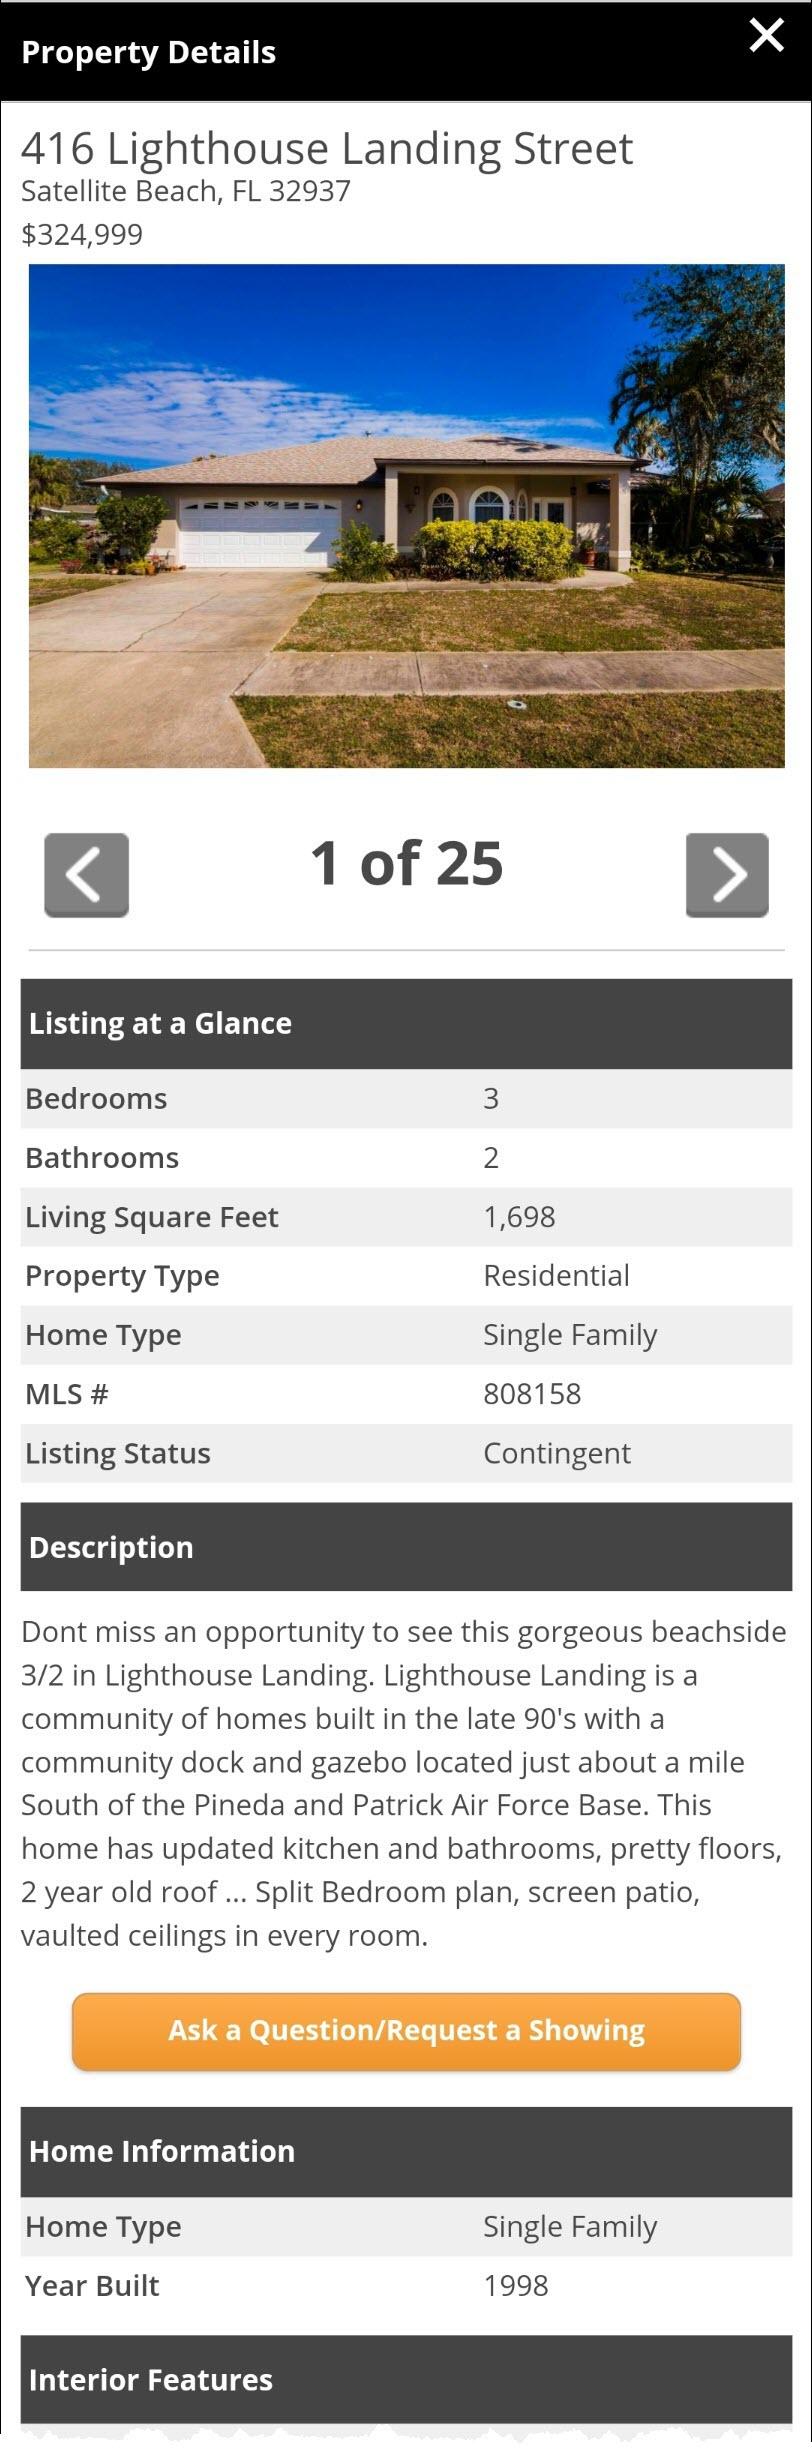 SavvyCard Lead Capture button inside Property SavvyCard property details page.